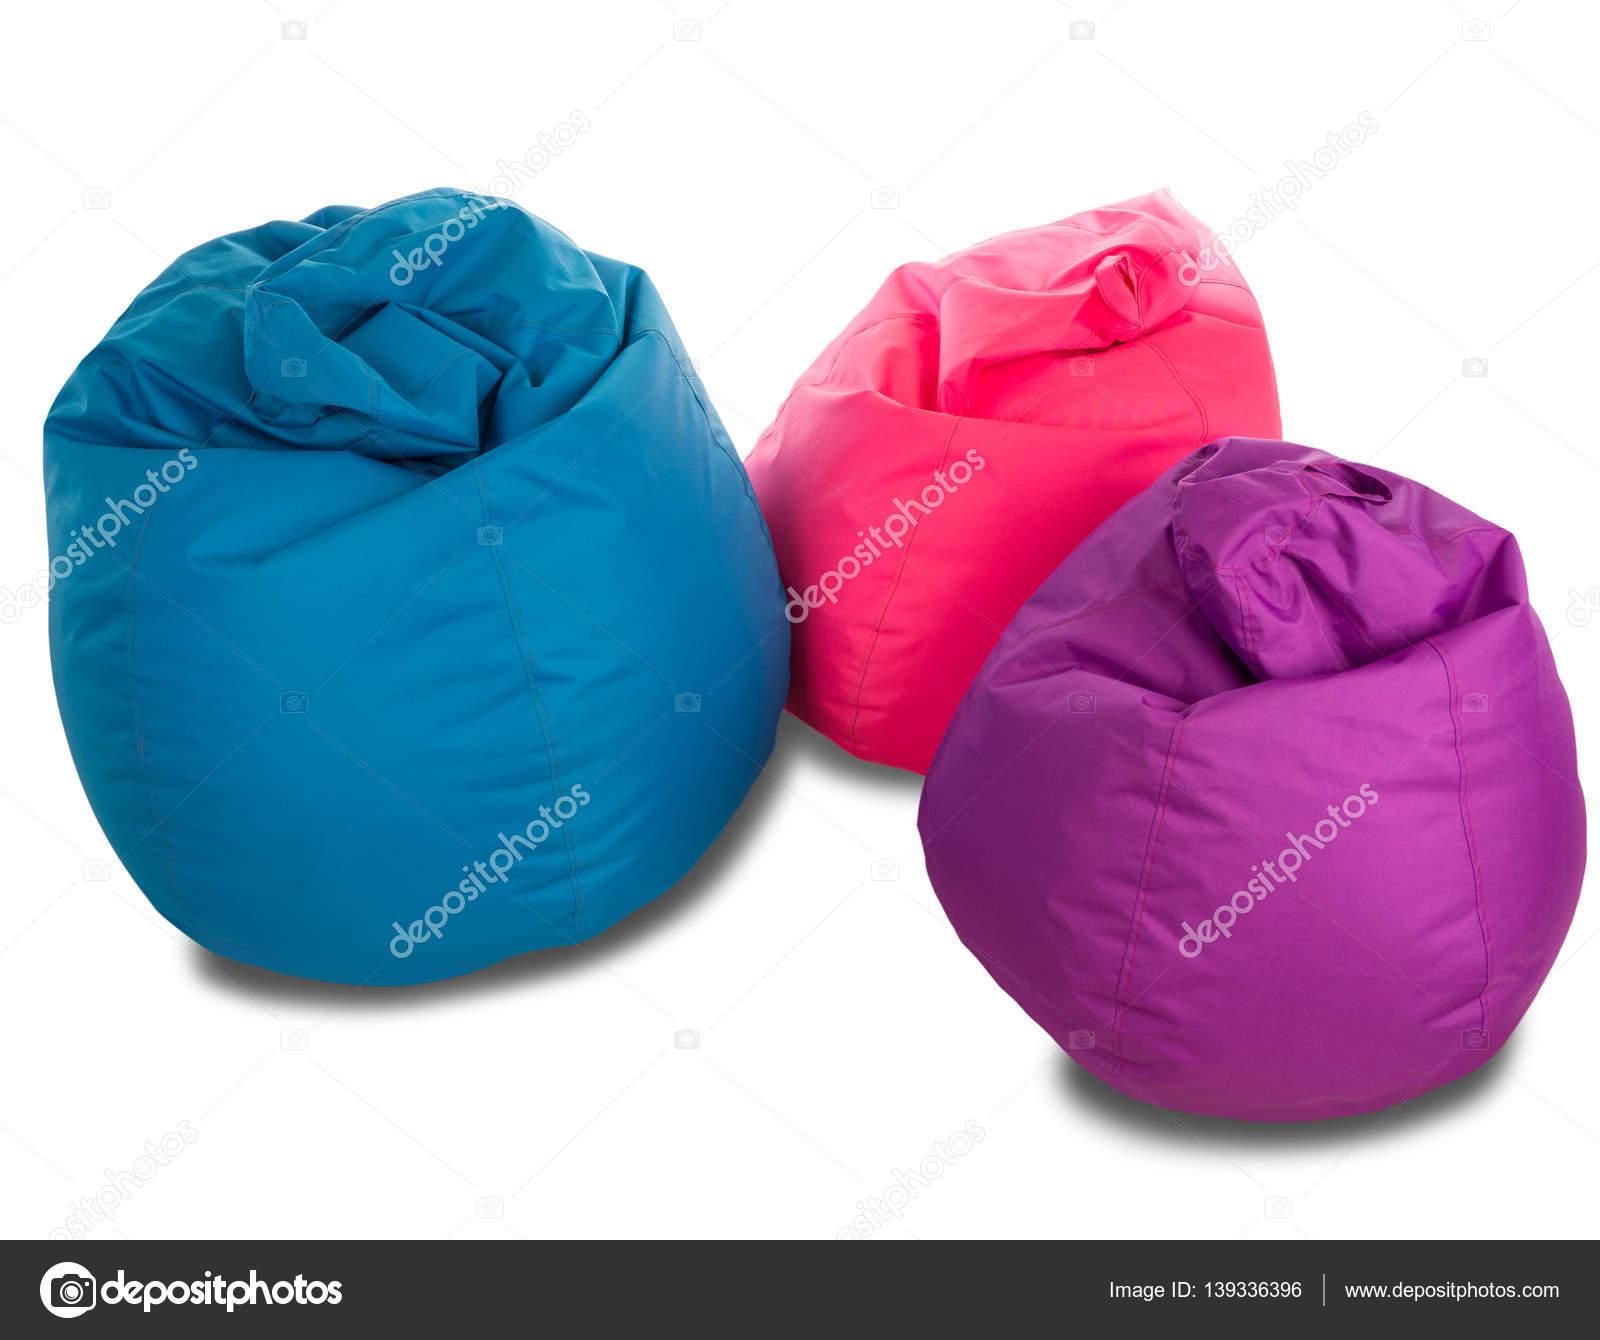 Roze Zitzak Stoel.Blauw Roze En Paars Zitzak Stoelen Geisoleerd Op Een Witte Pagina